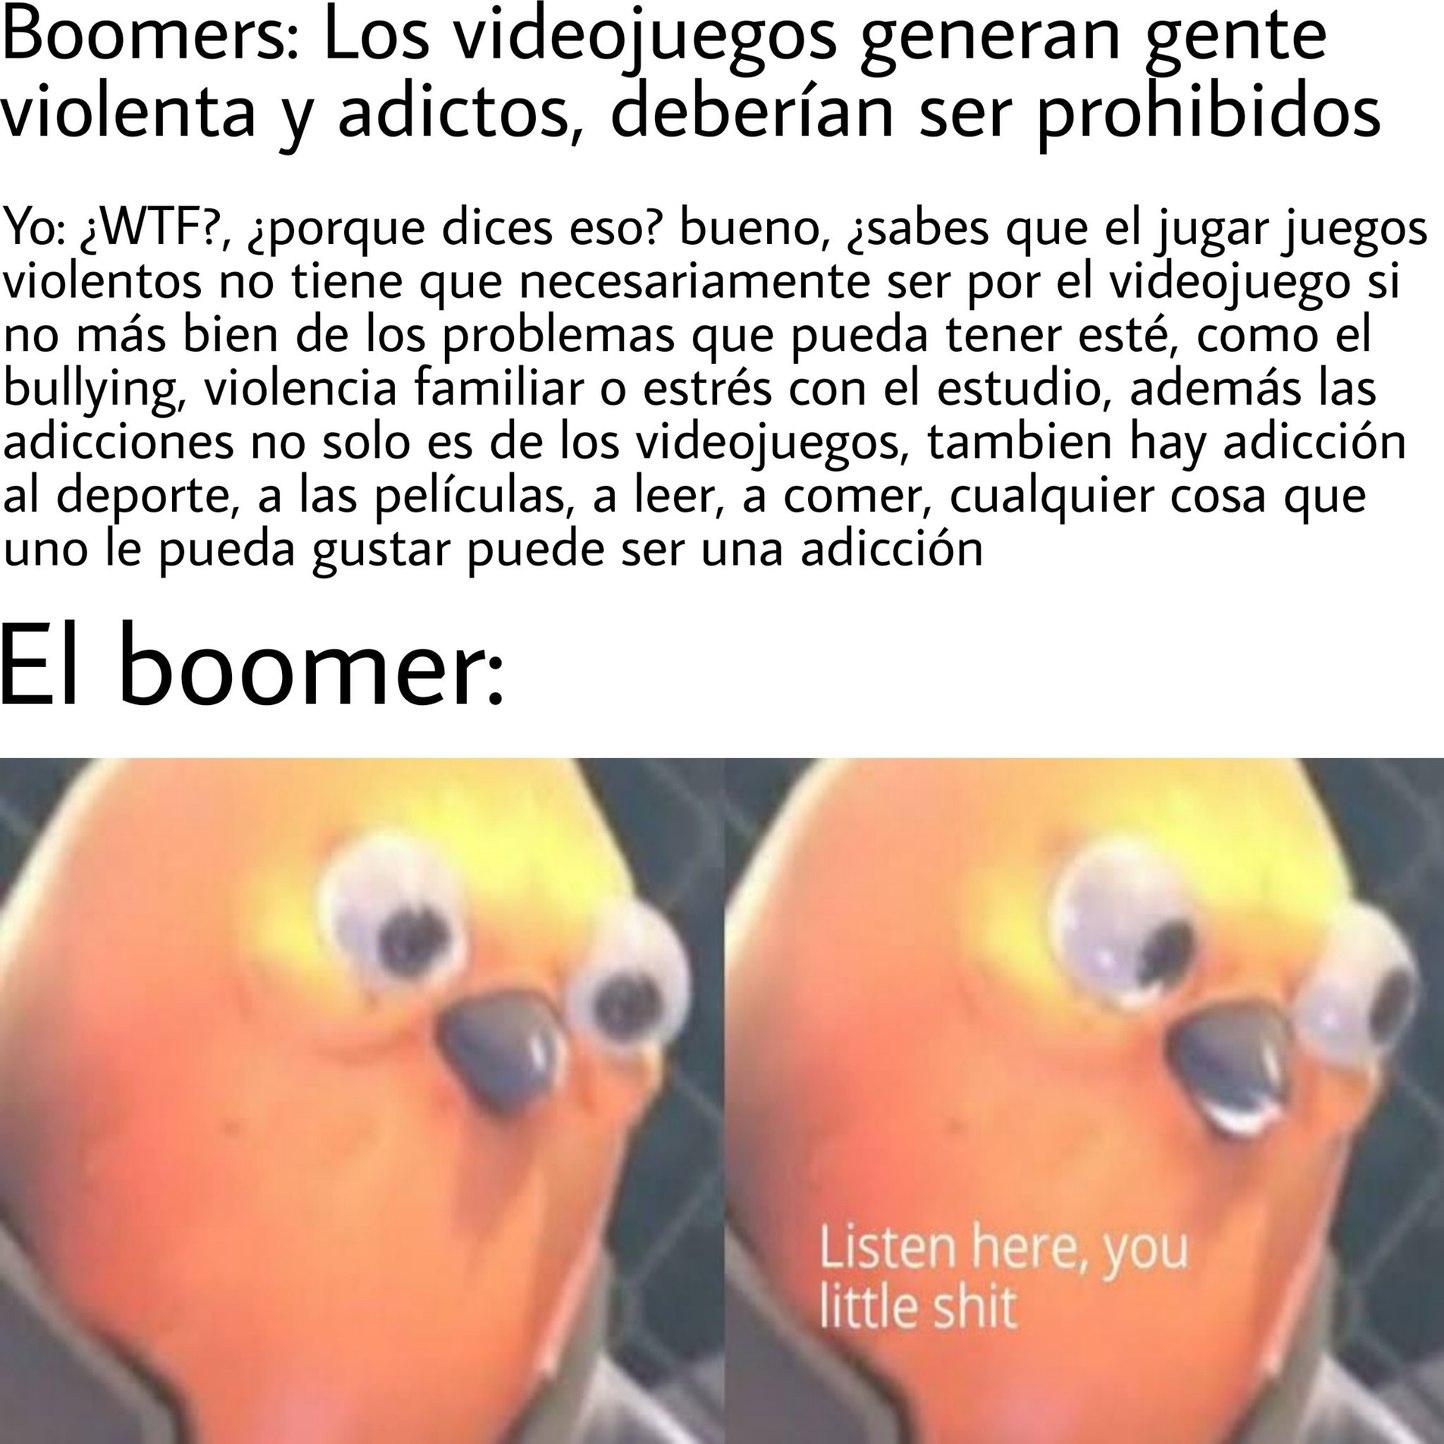 Tmr, los bommers a veces llegan a ser muy moletstos - meme